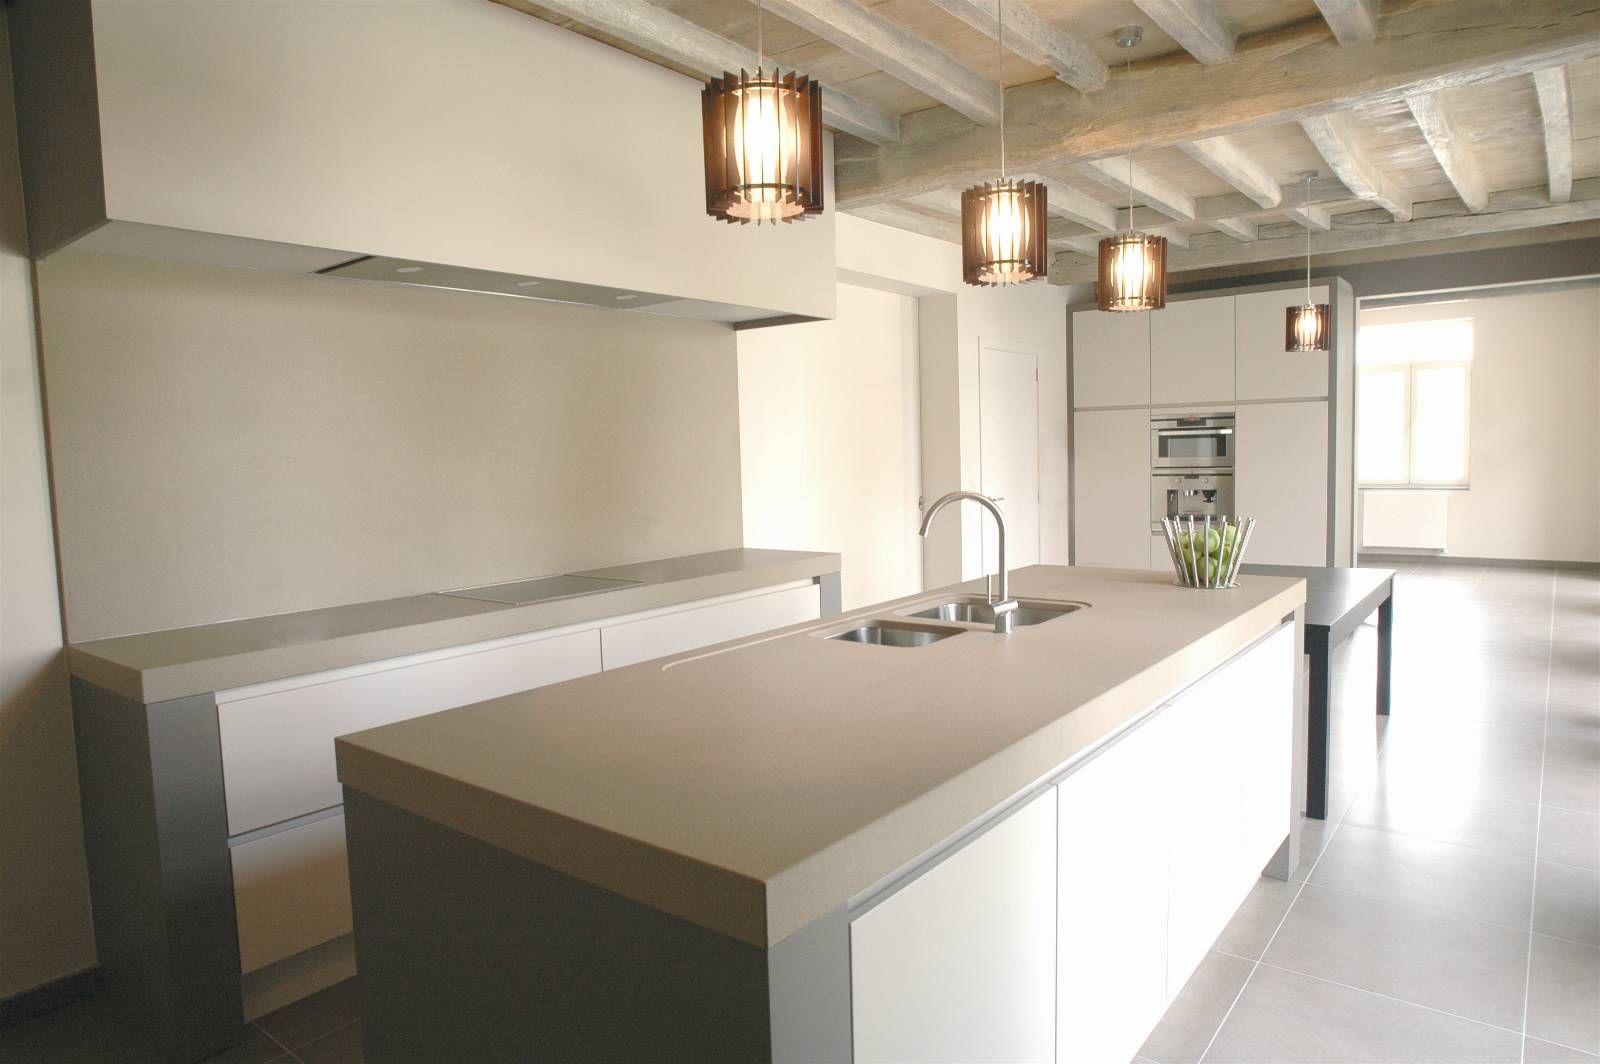 Maatwerk Greeploze Keuken : Keuken Maatwerk Handgemaakte keukens op ...